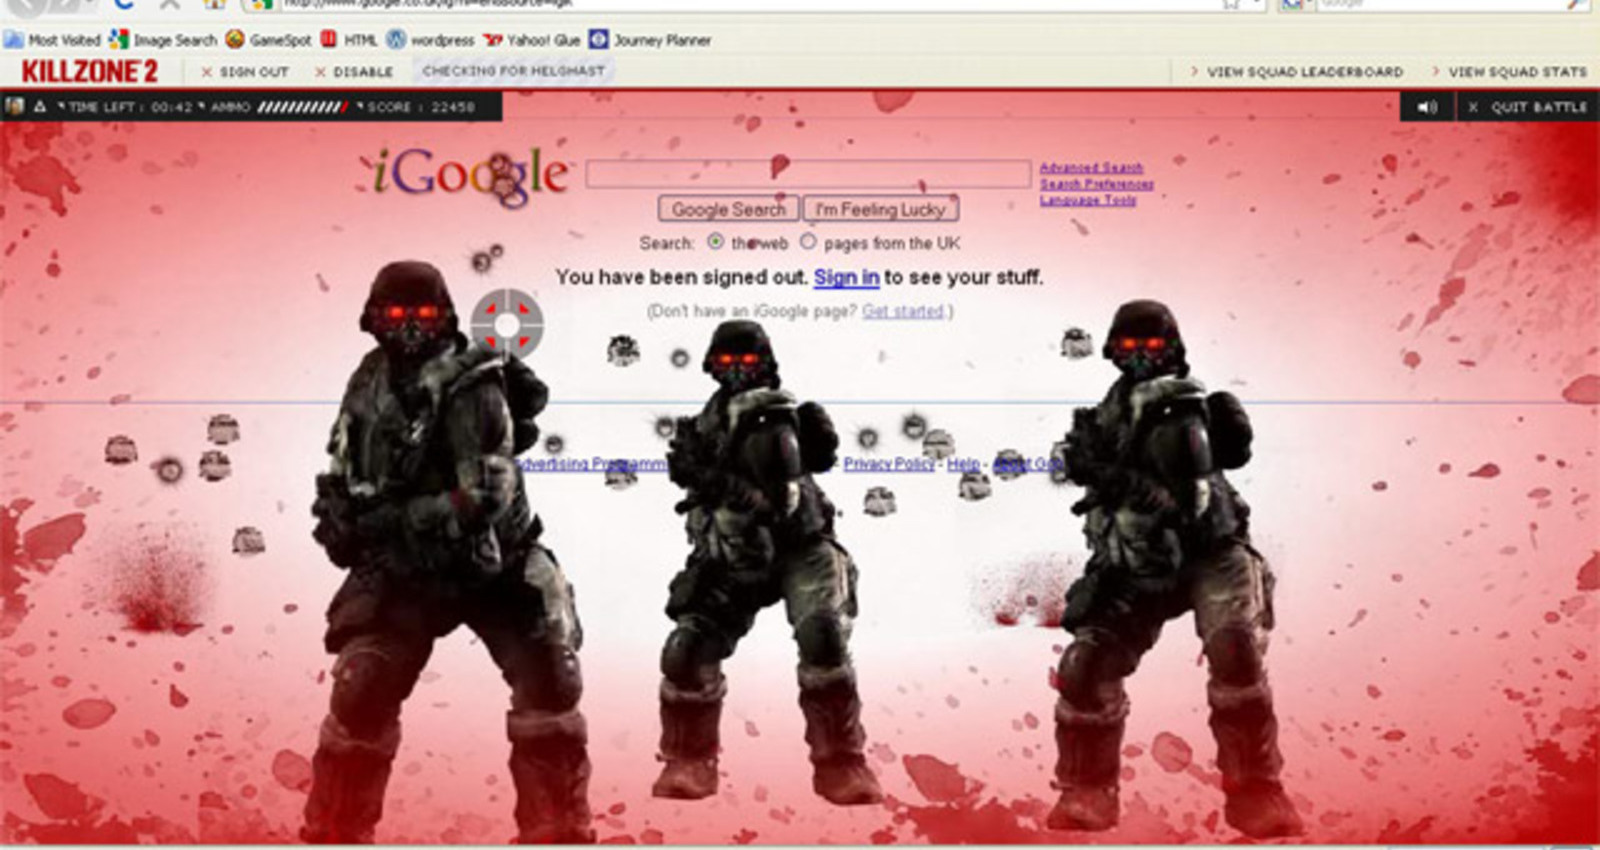 Killzone 2 Webgame